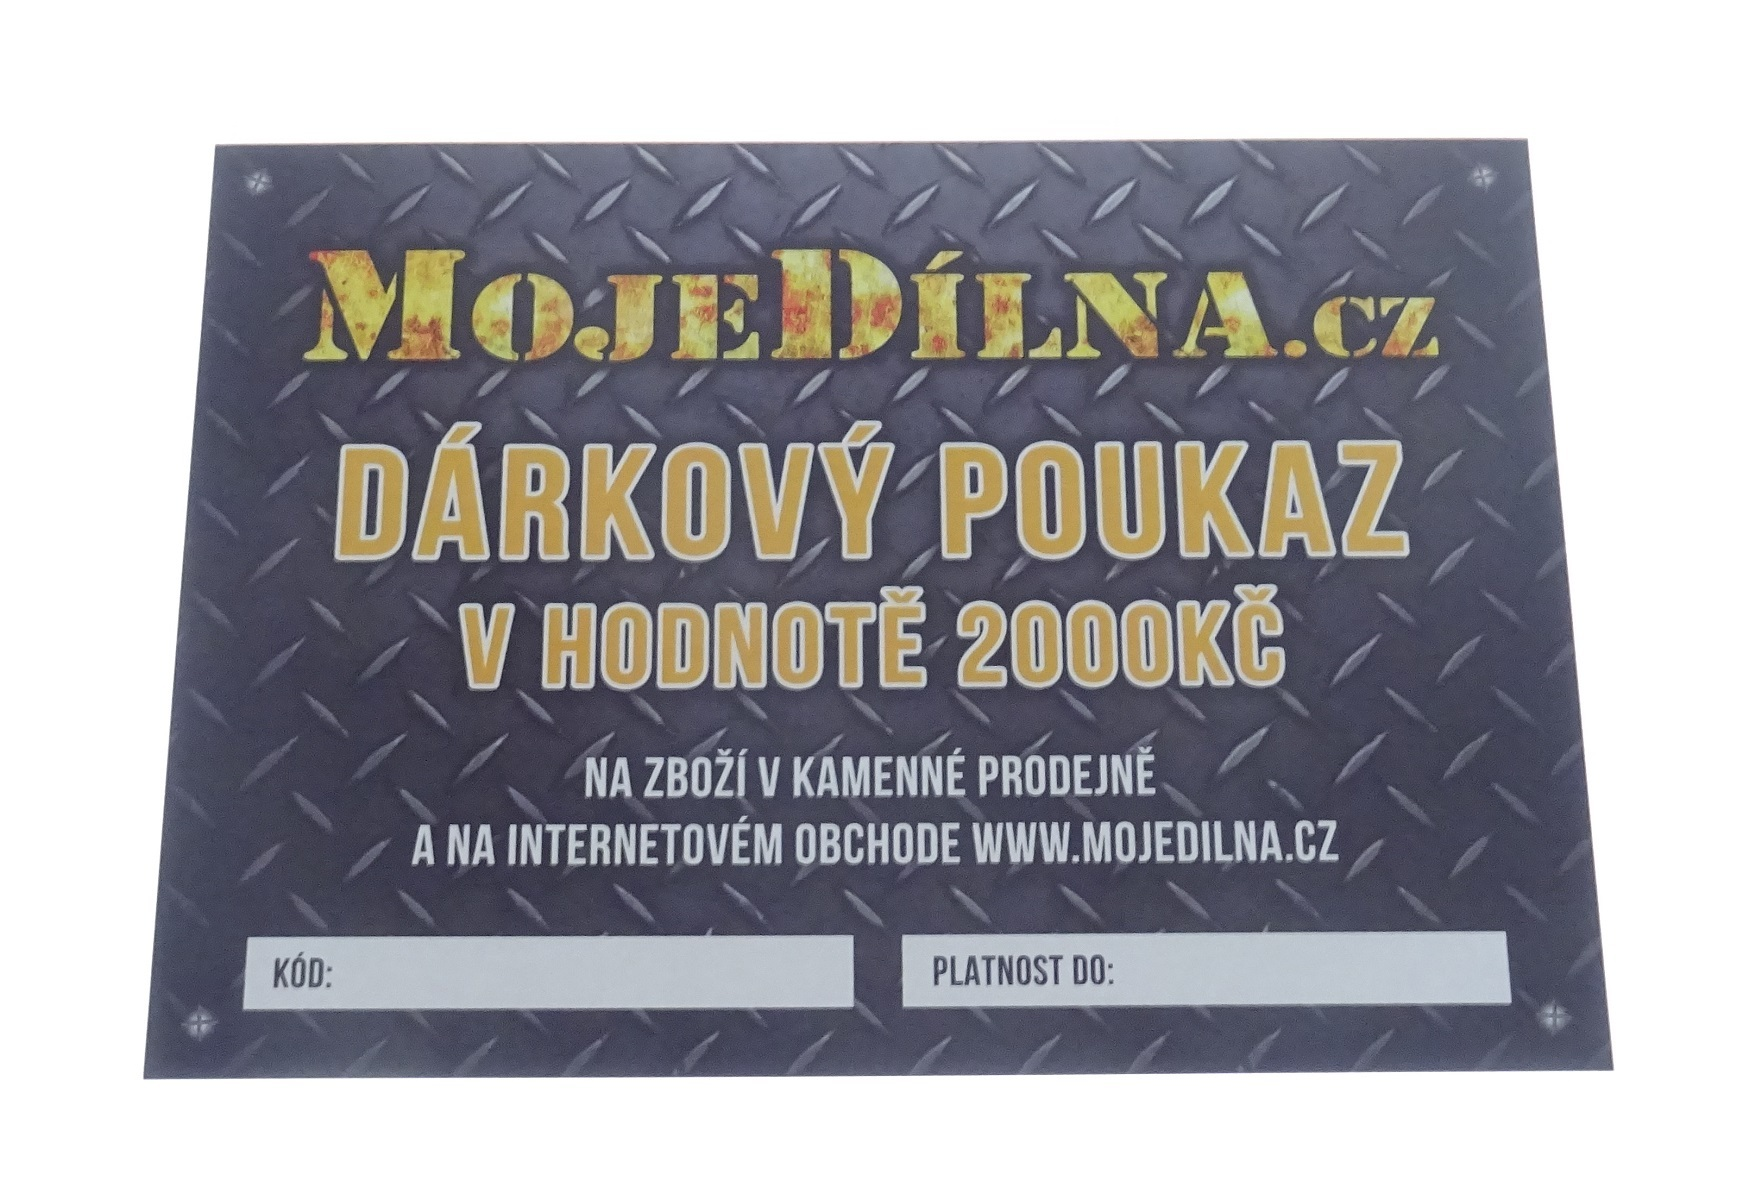 Dárkový poukaz MojeDílna.cz v hodnotě 2000 Kč - tištěný